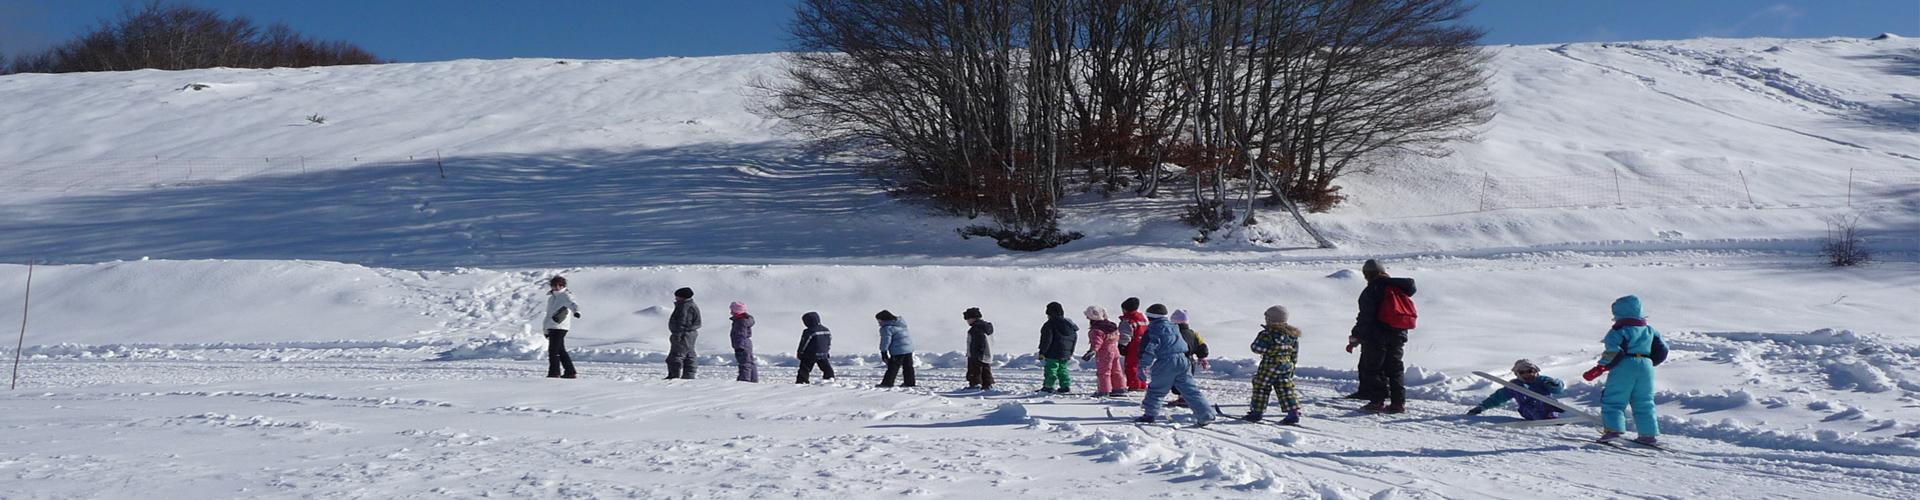 """<div class=""""sliderdesc""""> <h4>Un espace ludique accessible à tous.</h4> La station compte une zone d'initiation pour le ski de fond et un piste de luge pour les plus jeunes. Vous pourrez profitez également de la salle hors sac avec une cheminée pour venir passer un moment de détente au coin du feu..<br><br> Si vous n'avez pas de matériel, la station propose au buron d'accueil la location de skis, raquettes ou luges. <br><br> <a href=""""http://www.aubrac-sud-lozere.com/la-station-de-ski/tarifs-forfait-et-location/"""">Voir tarifs forfaits et location matériel</a> </div>"""